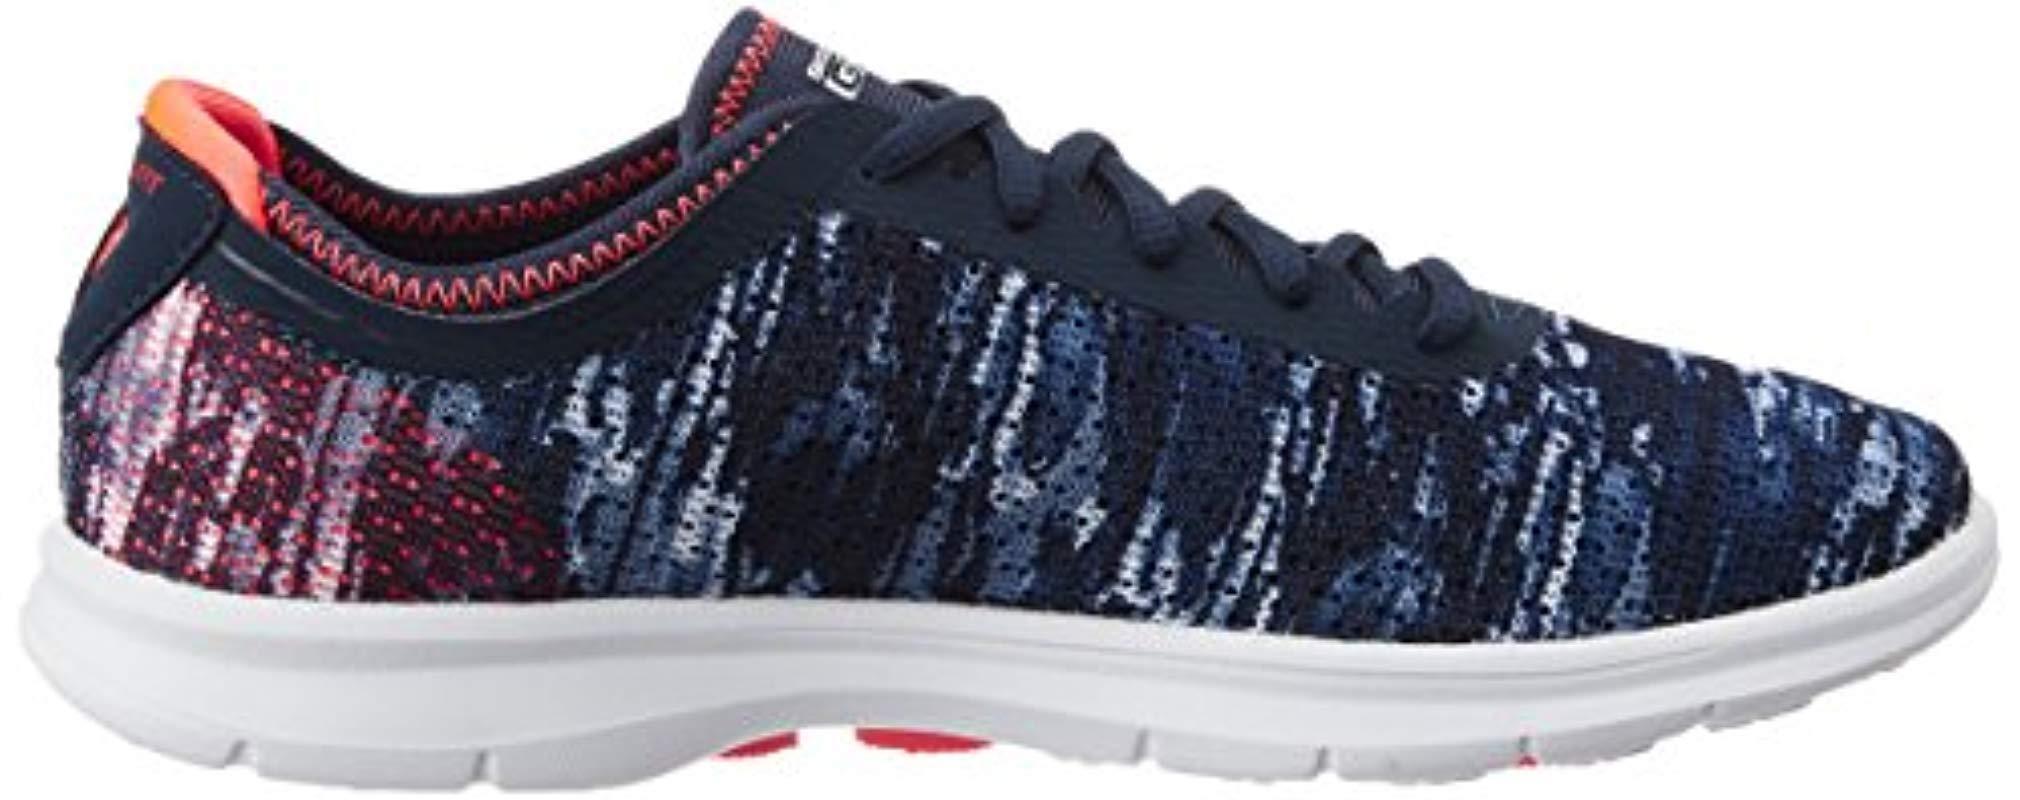 Go Step, Zapatillas de Deporte Mujer Skechers de Tejido sintético de color Azul